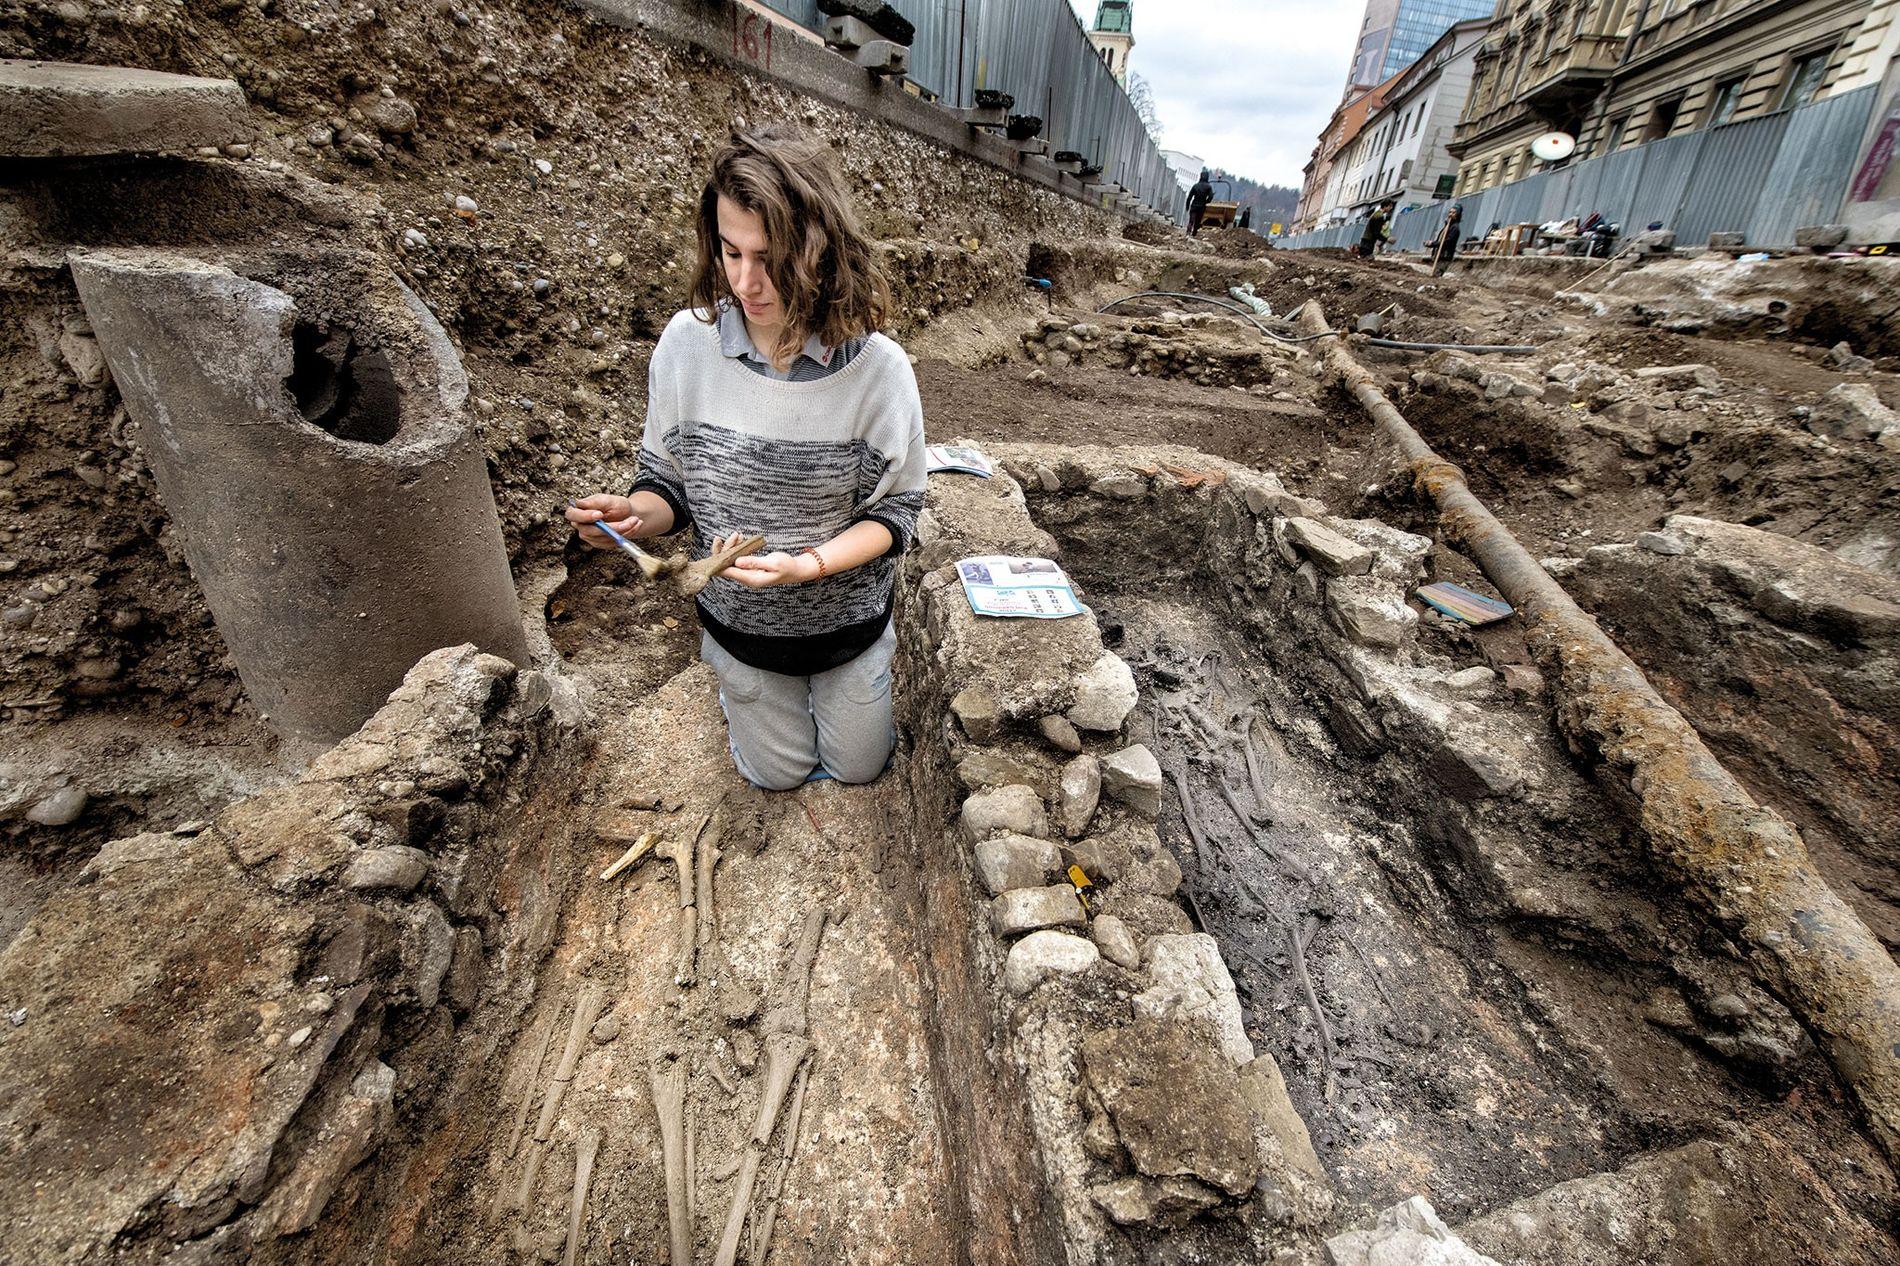 Bei Ausgrabungen unter der Gosposvetska-Straße in Ljubljana kamen Überreste der römischen Siedlung Emona zum Vorschein. An ...